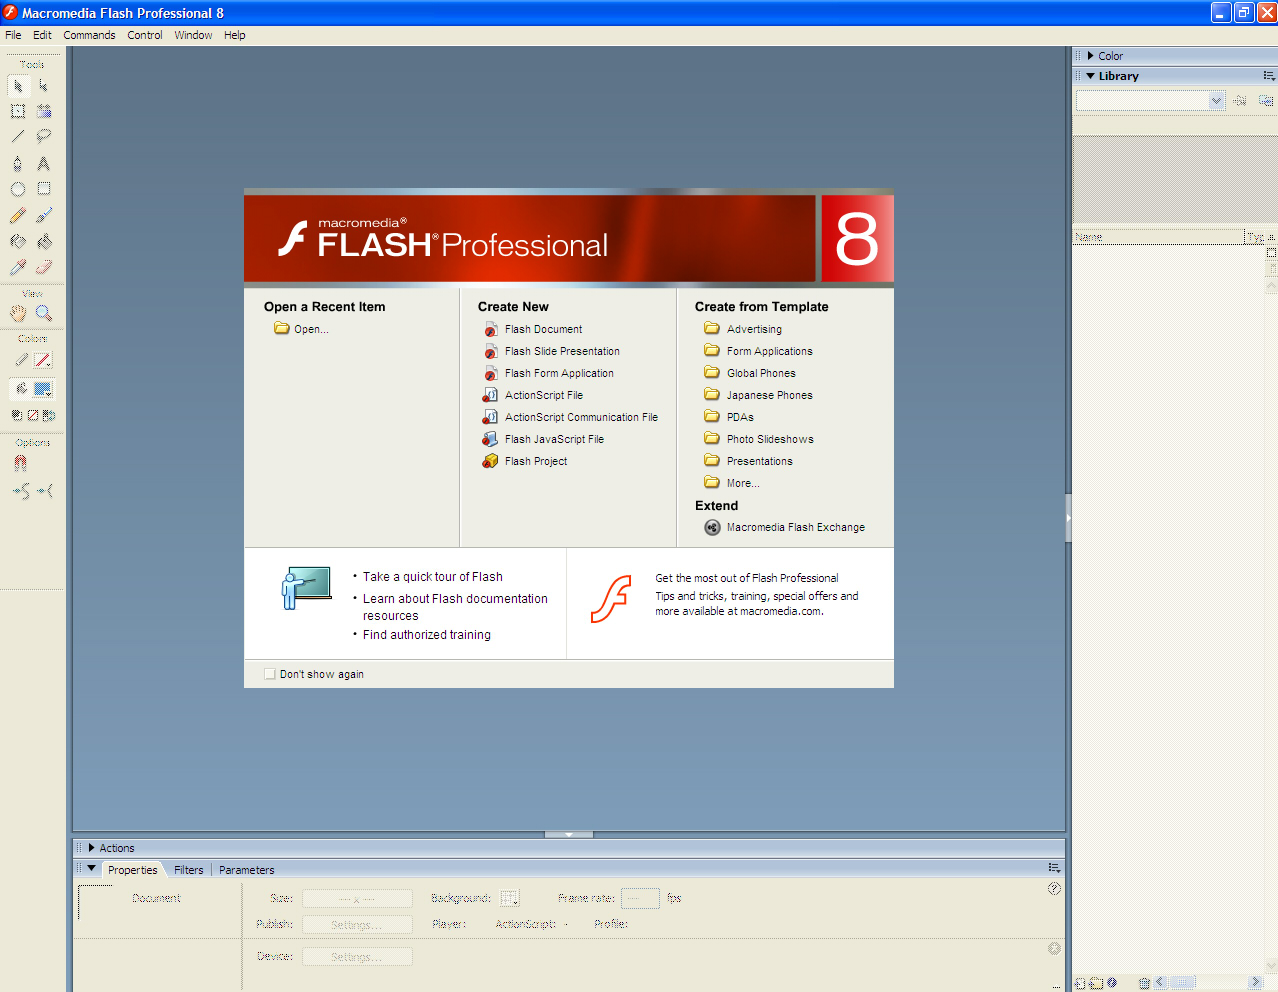 Компьютерная анимация: курс по macromedia flash